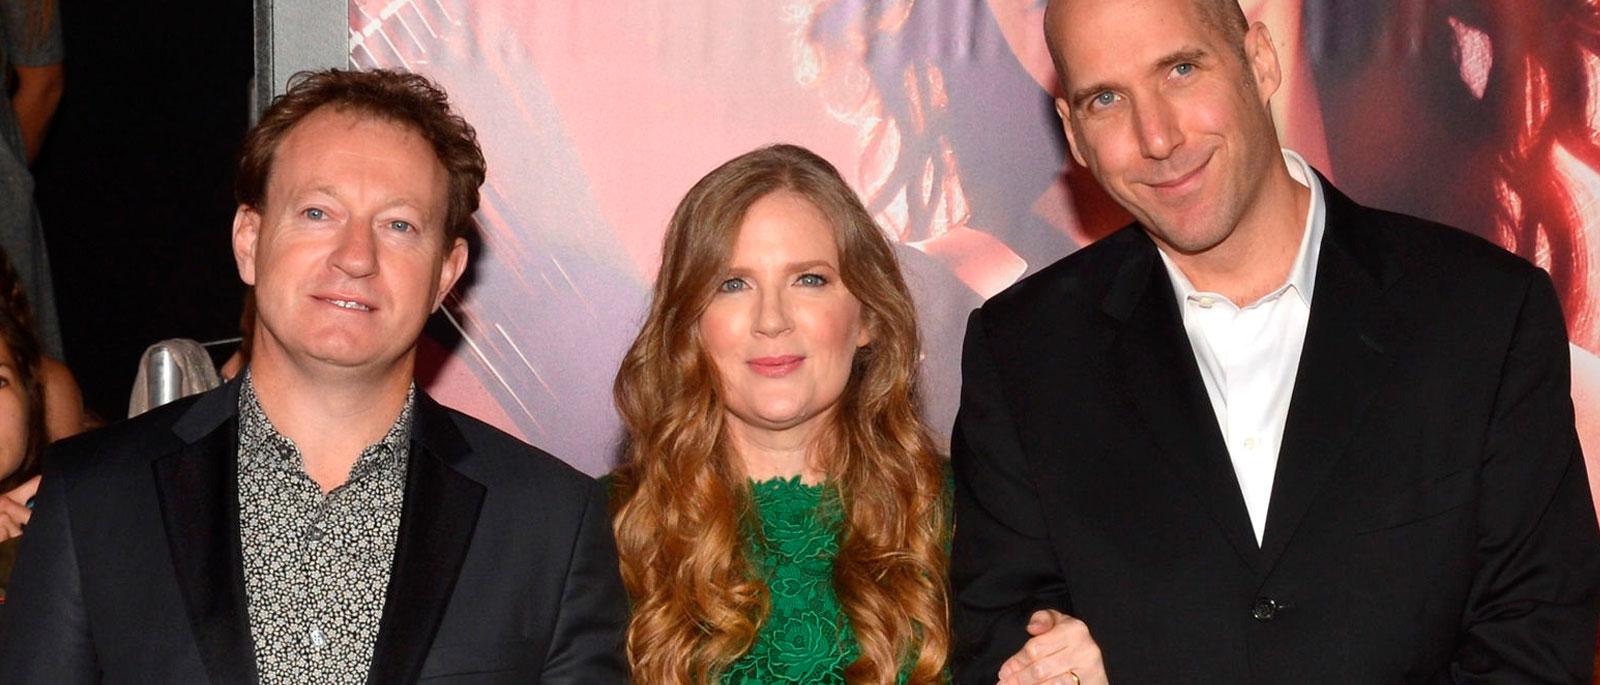 """Suzanne e Arndt retornarão para adaptação de """"A Cantiga dos Pássaros e das Serpentes"""""""